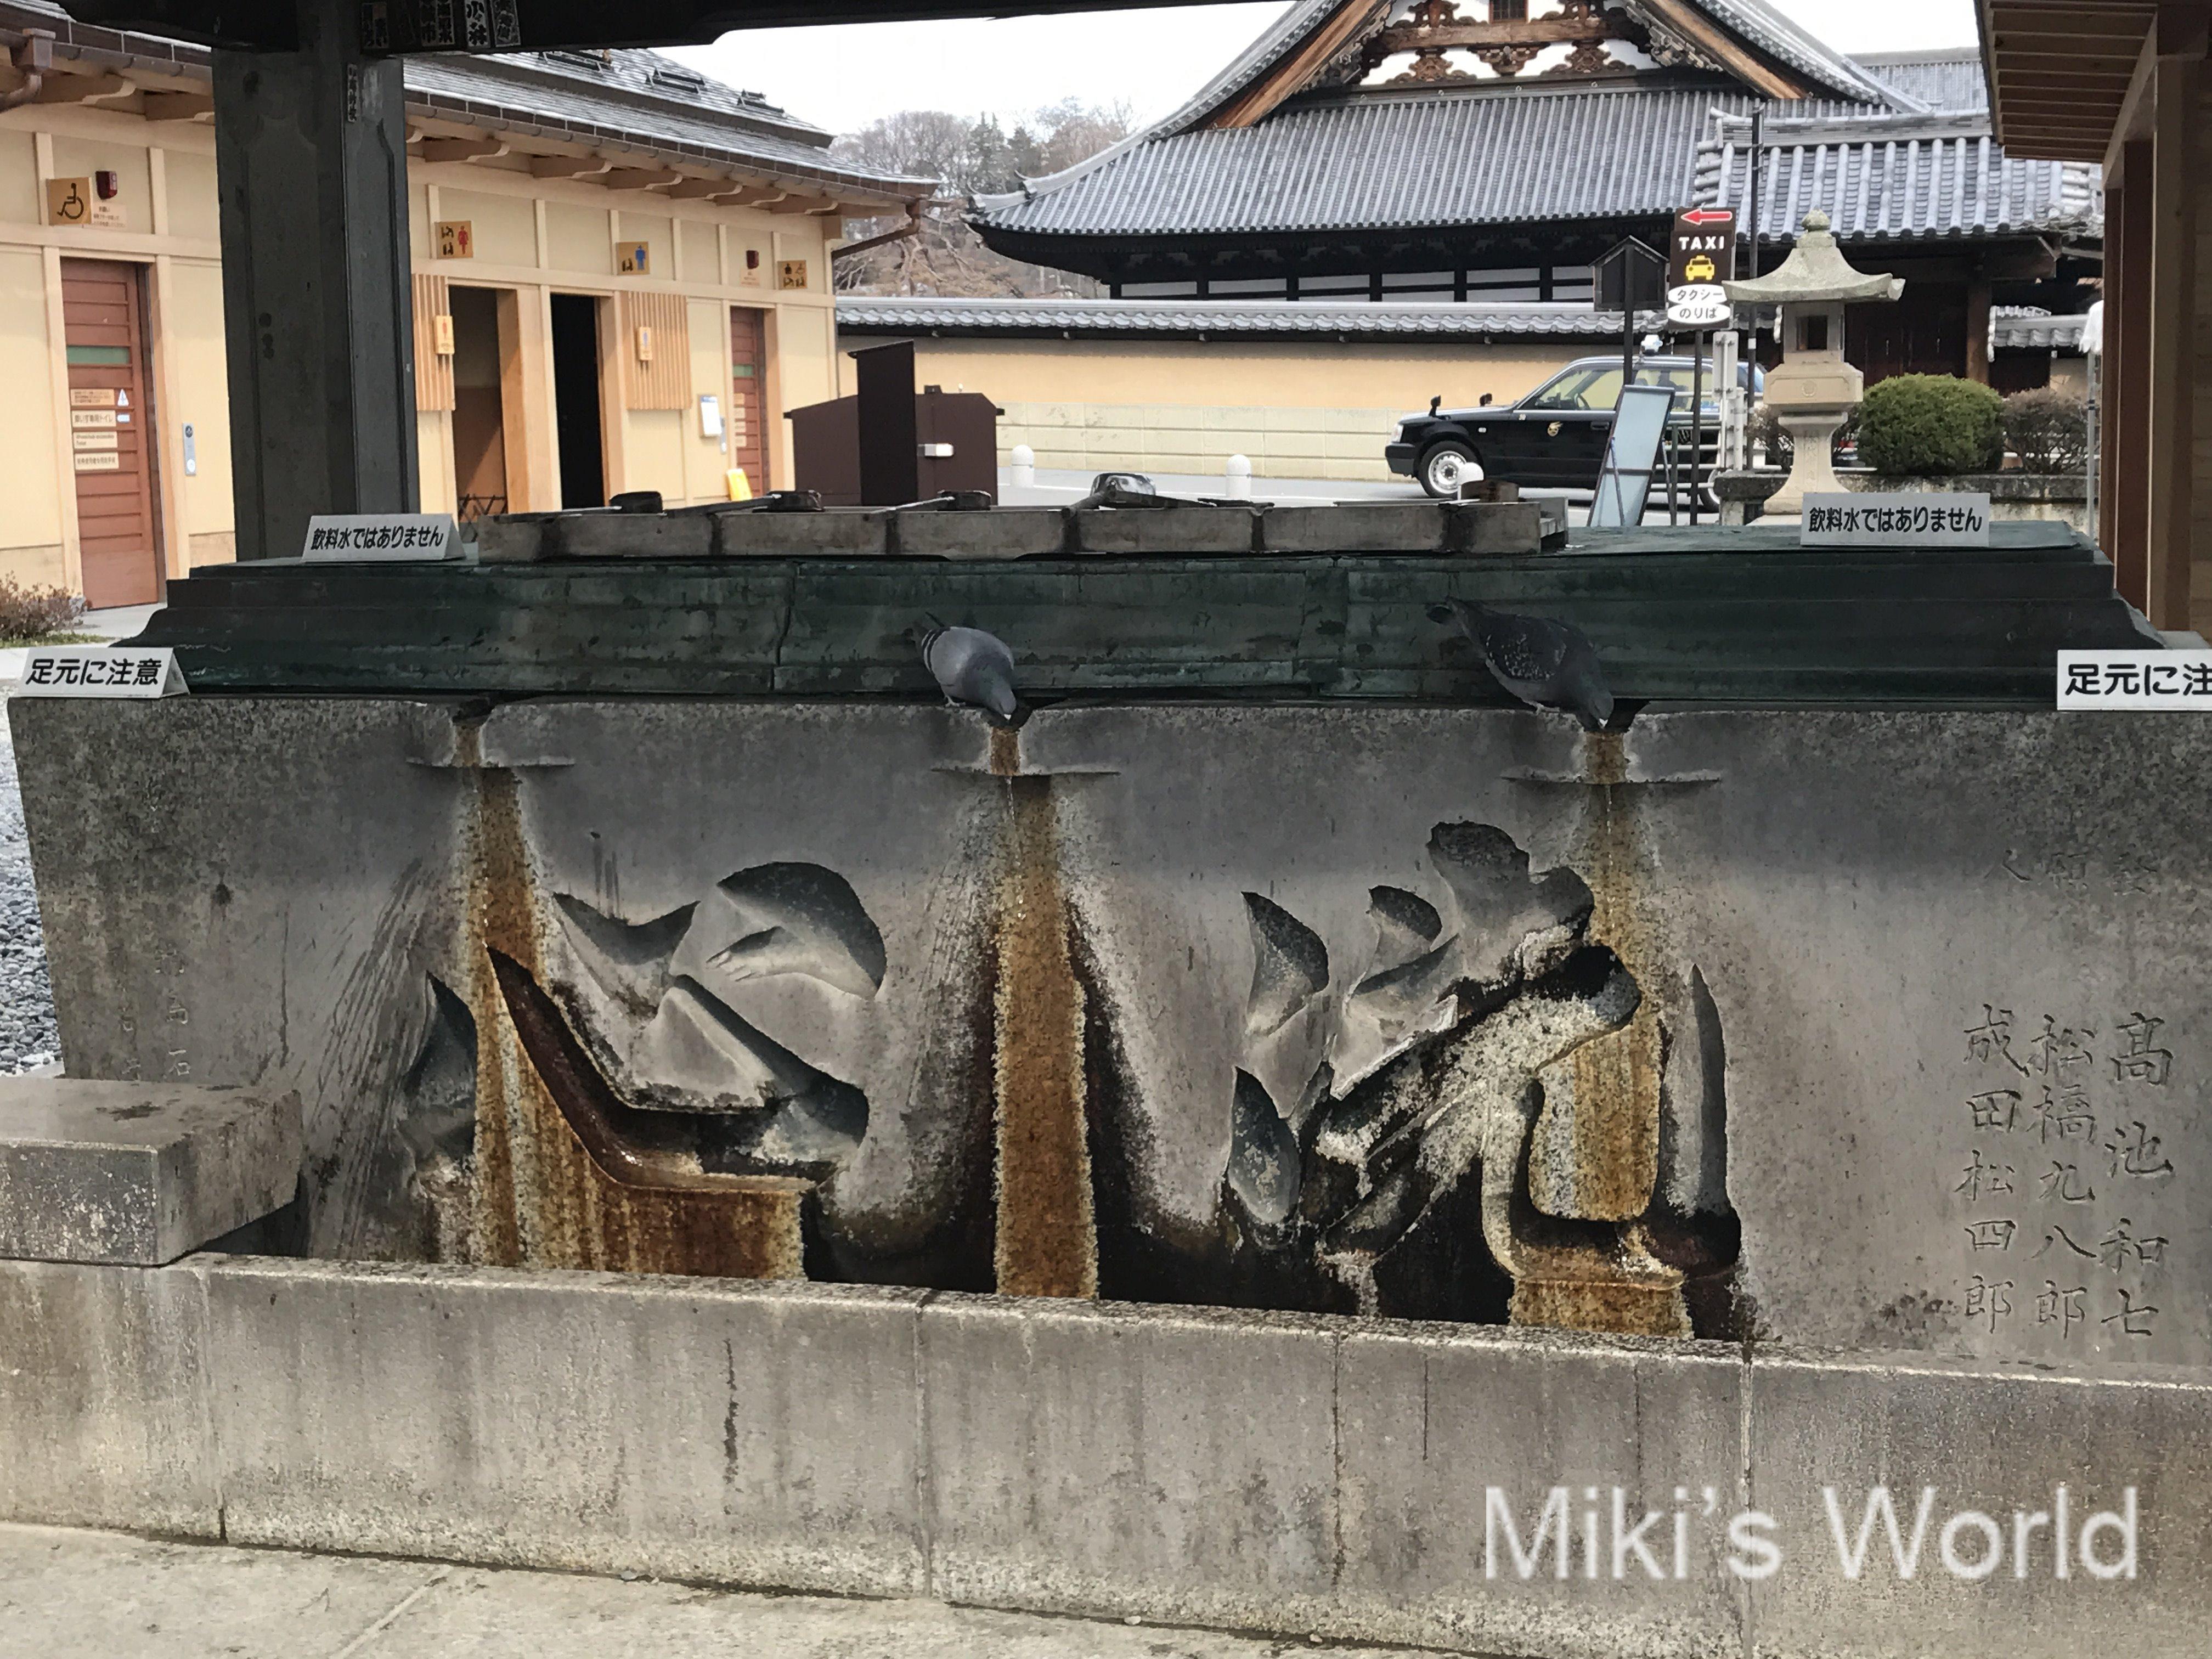 長野の善光寺 リラックマの絵馬とおみくじ、そしてハトに笑う